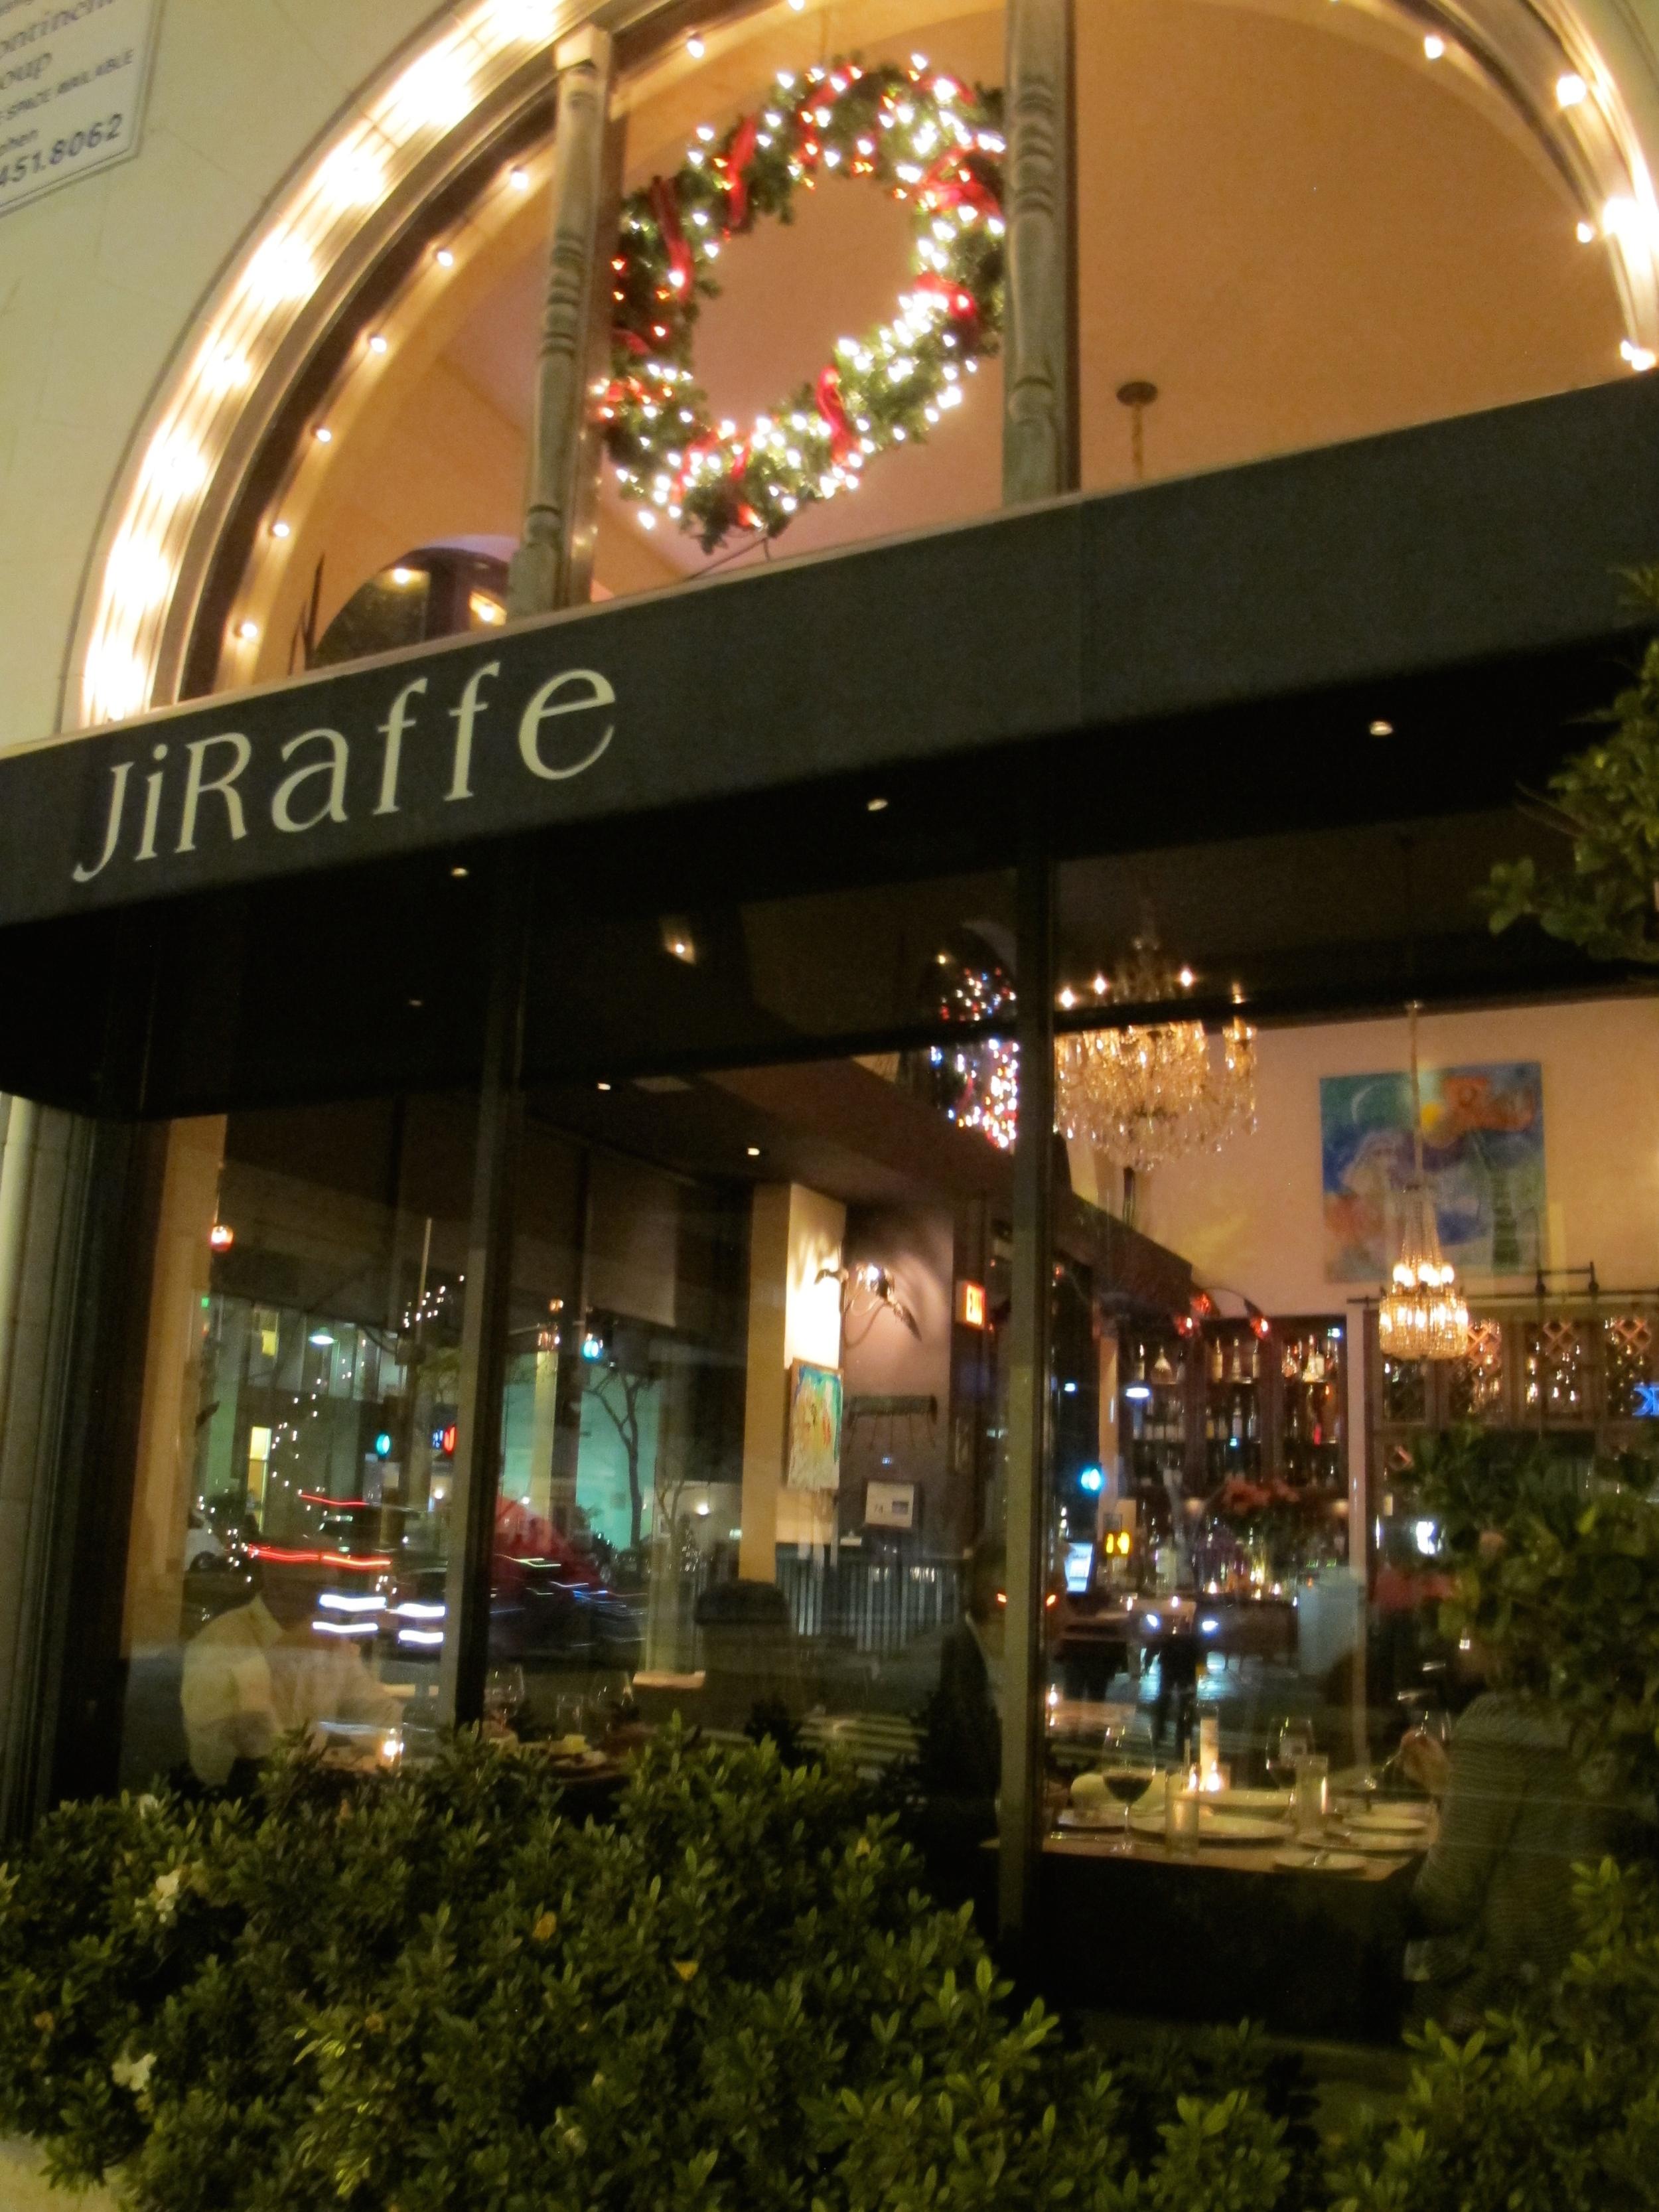 Jiraffe Restaurant